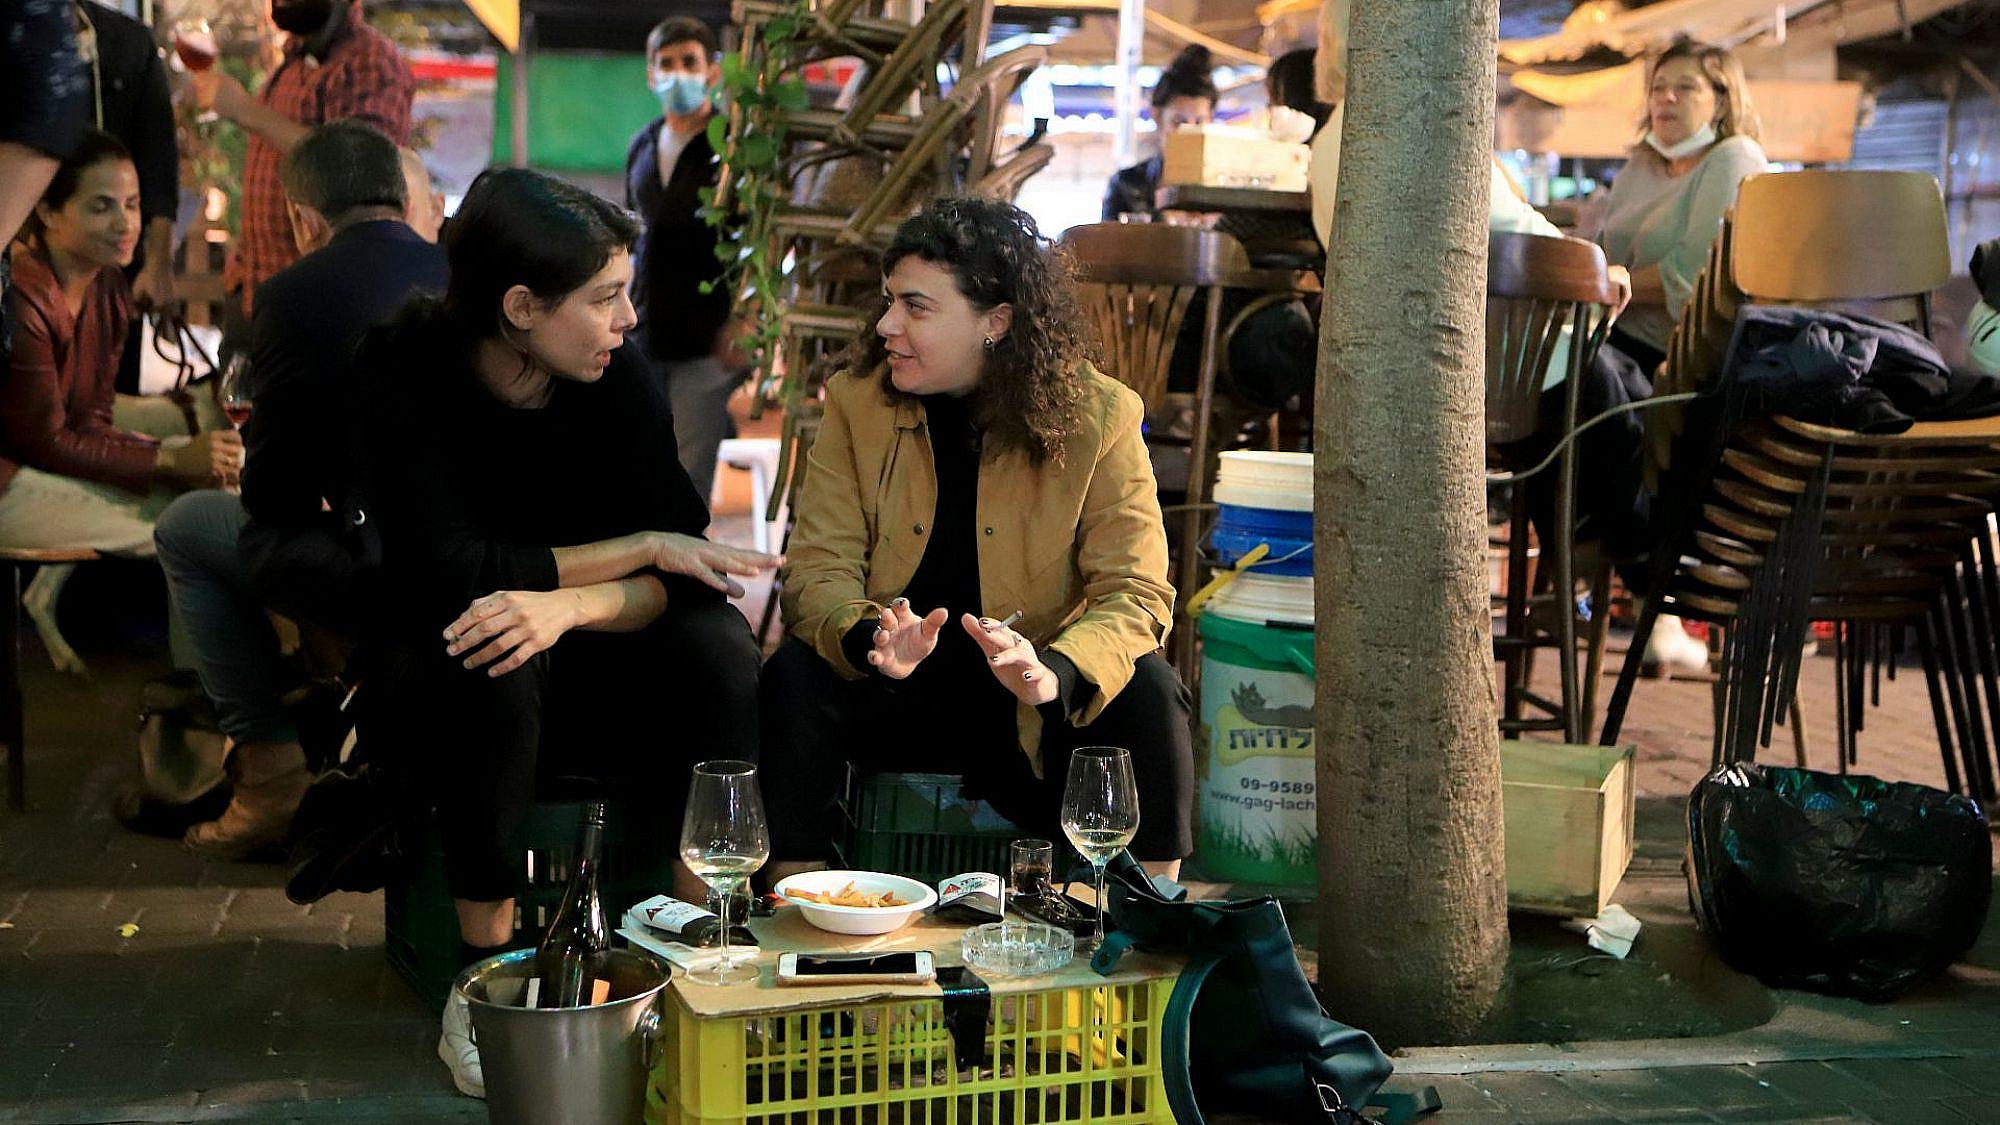 פתרונות הזויים למדיניות הזויה. מסעדה בתל אביב, ינואר 2021 (צילום: דיוויד סילברמן\גטי אימג'ס)